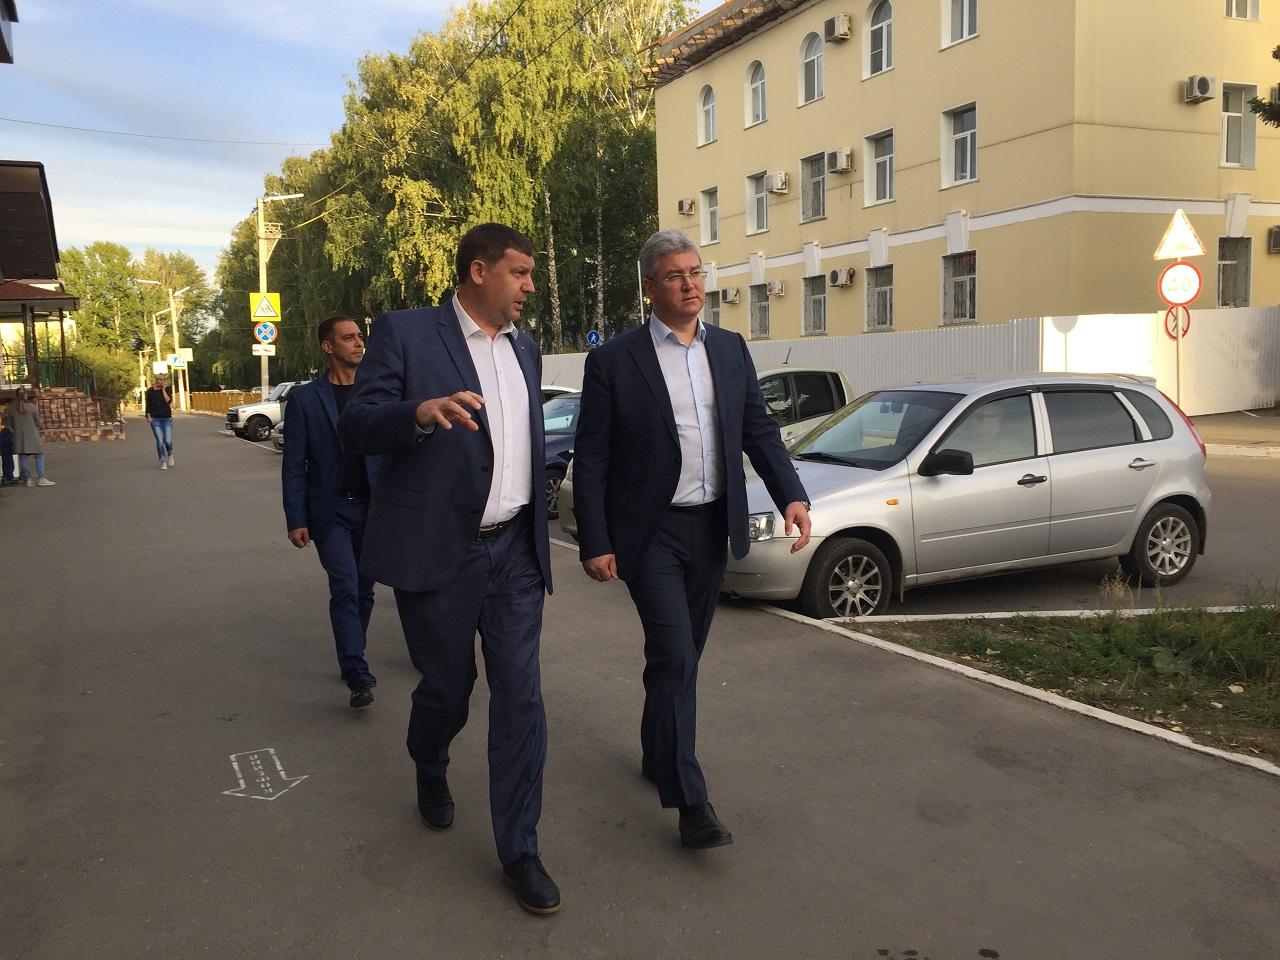 Власти рассказали о благоустройстве новых общественных пространств в Жигулевске